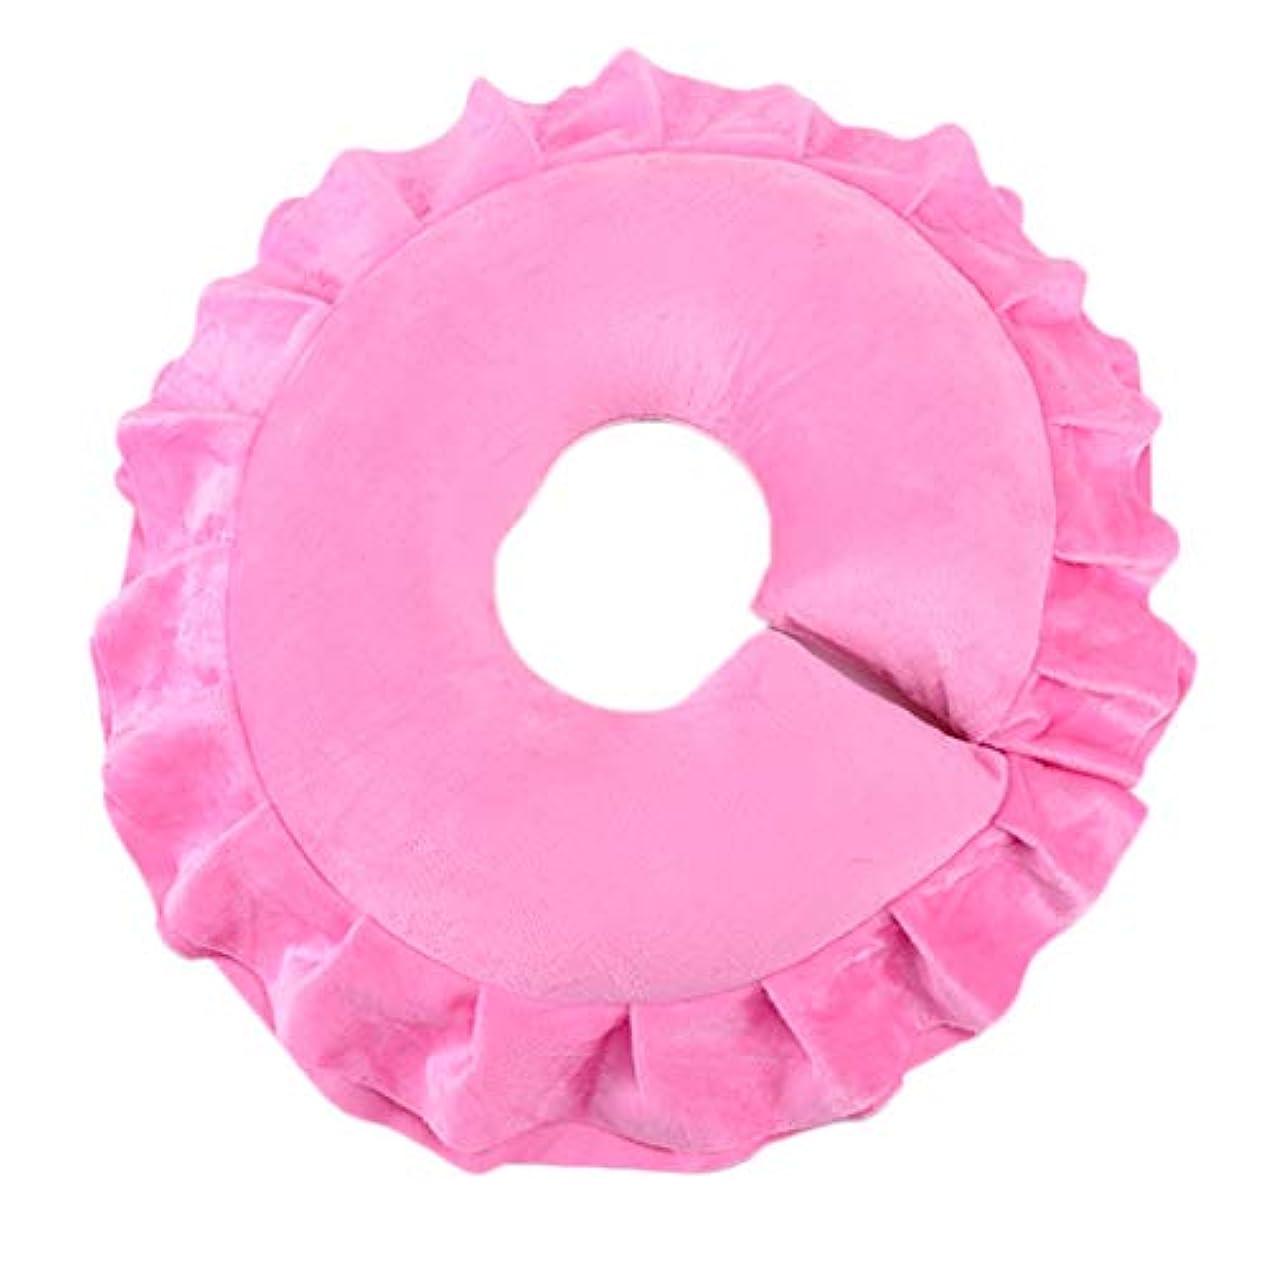 エンジン魔術師愛人顔枕 マッサージ用 フェイスピロー 枕 フェイスクッション ソフト マッサージ クッション 全4色 - ピンク